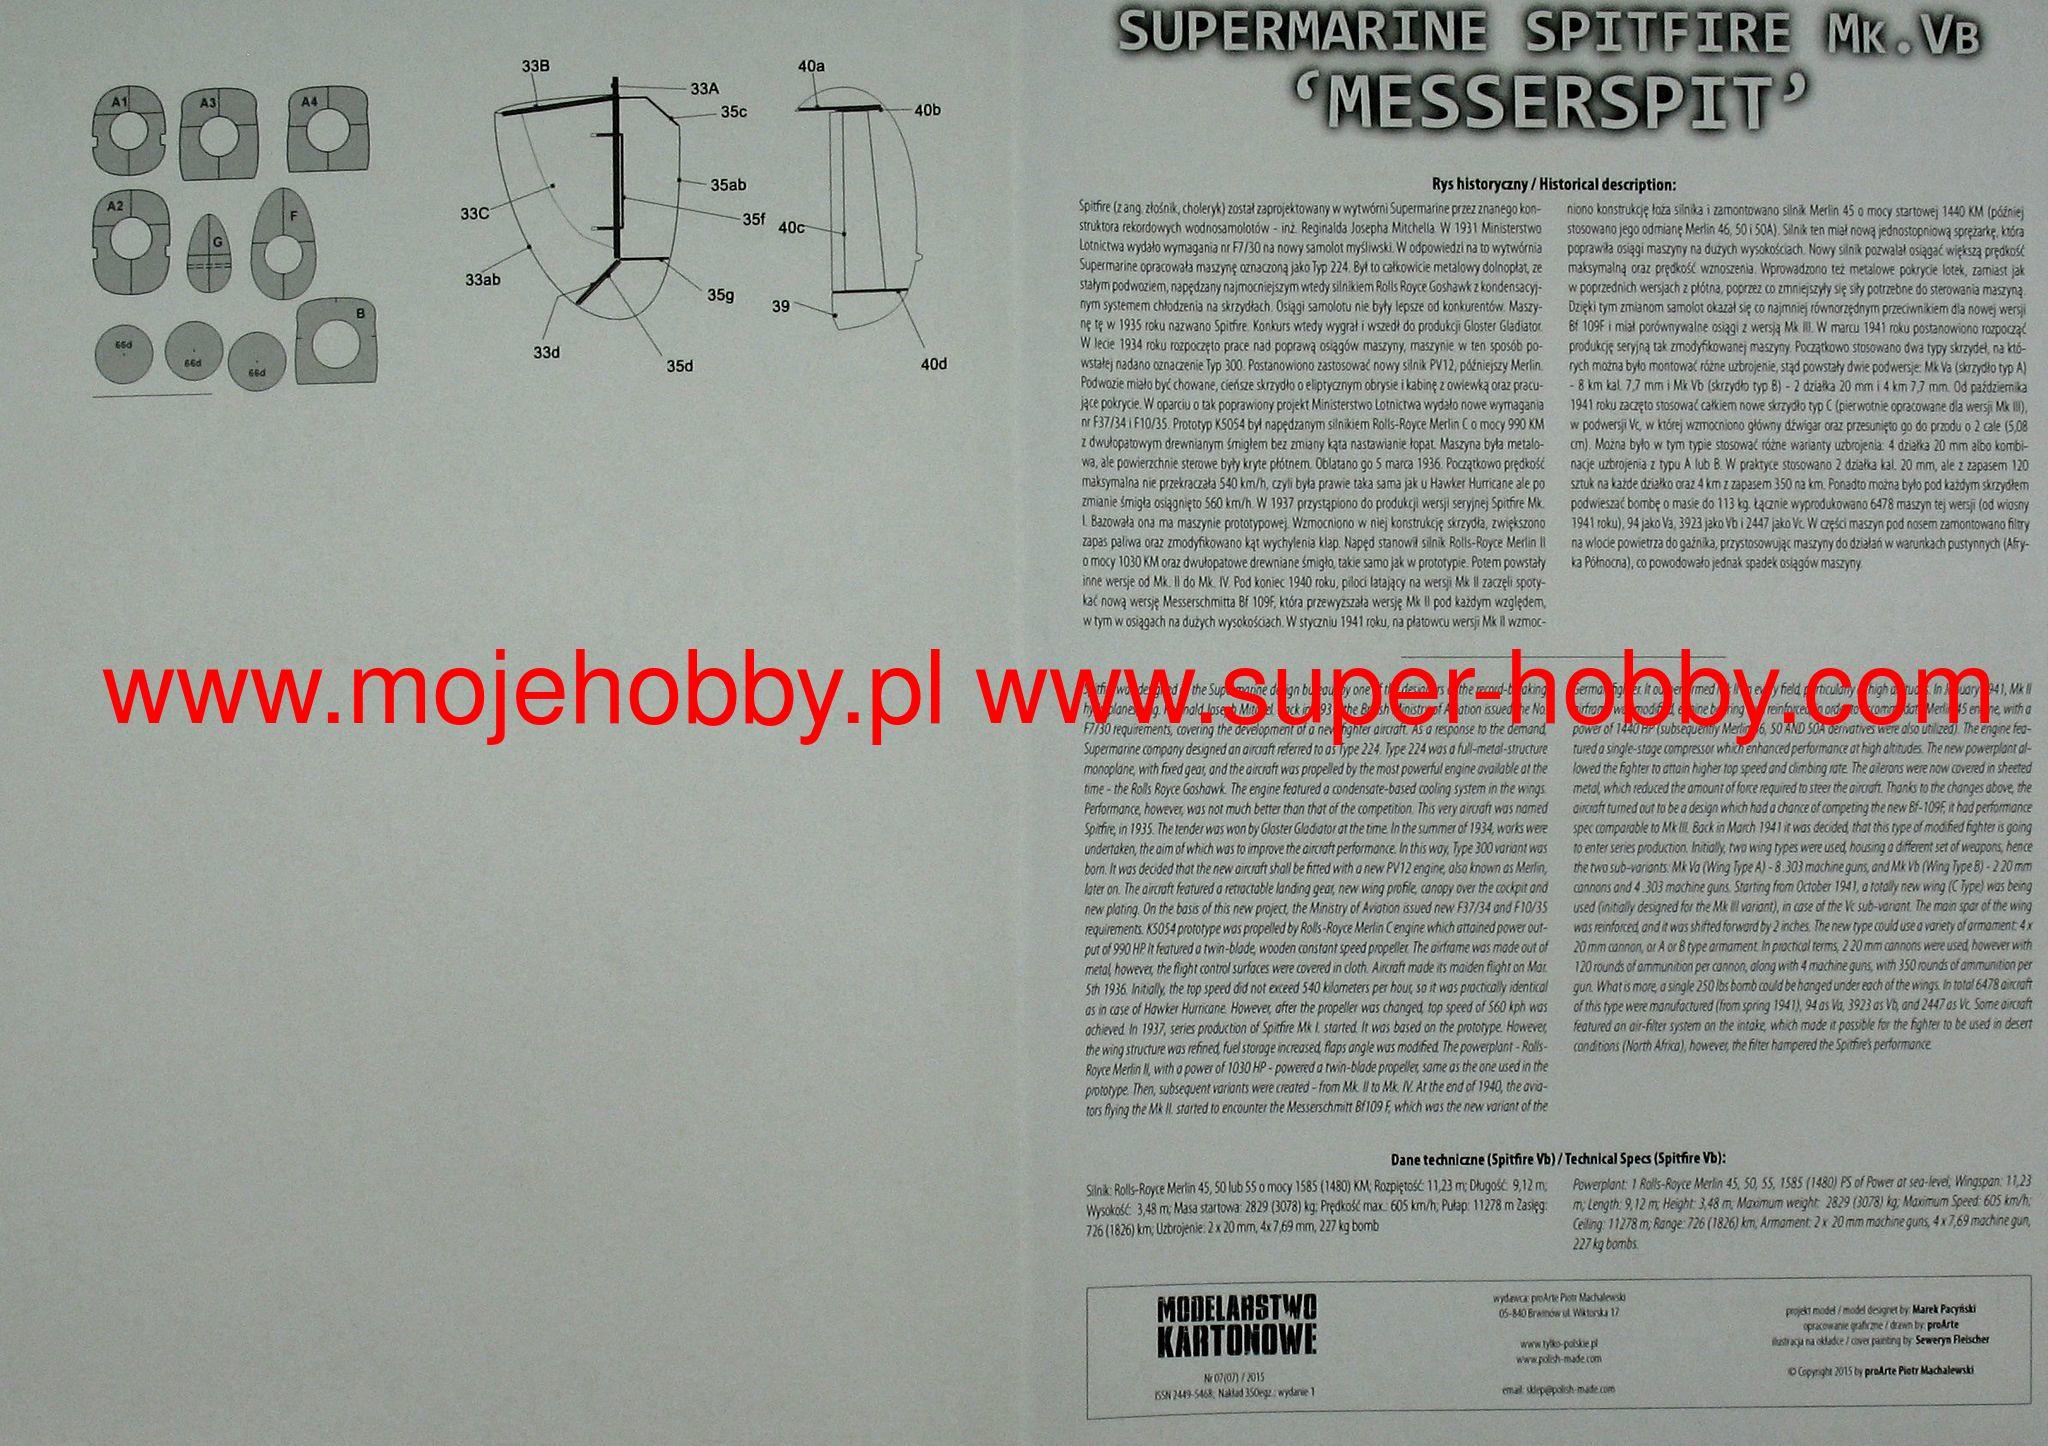 Elicottero 007 : Spitfire mk.vb messerspit modelarstwo kartonowe 007